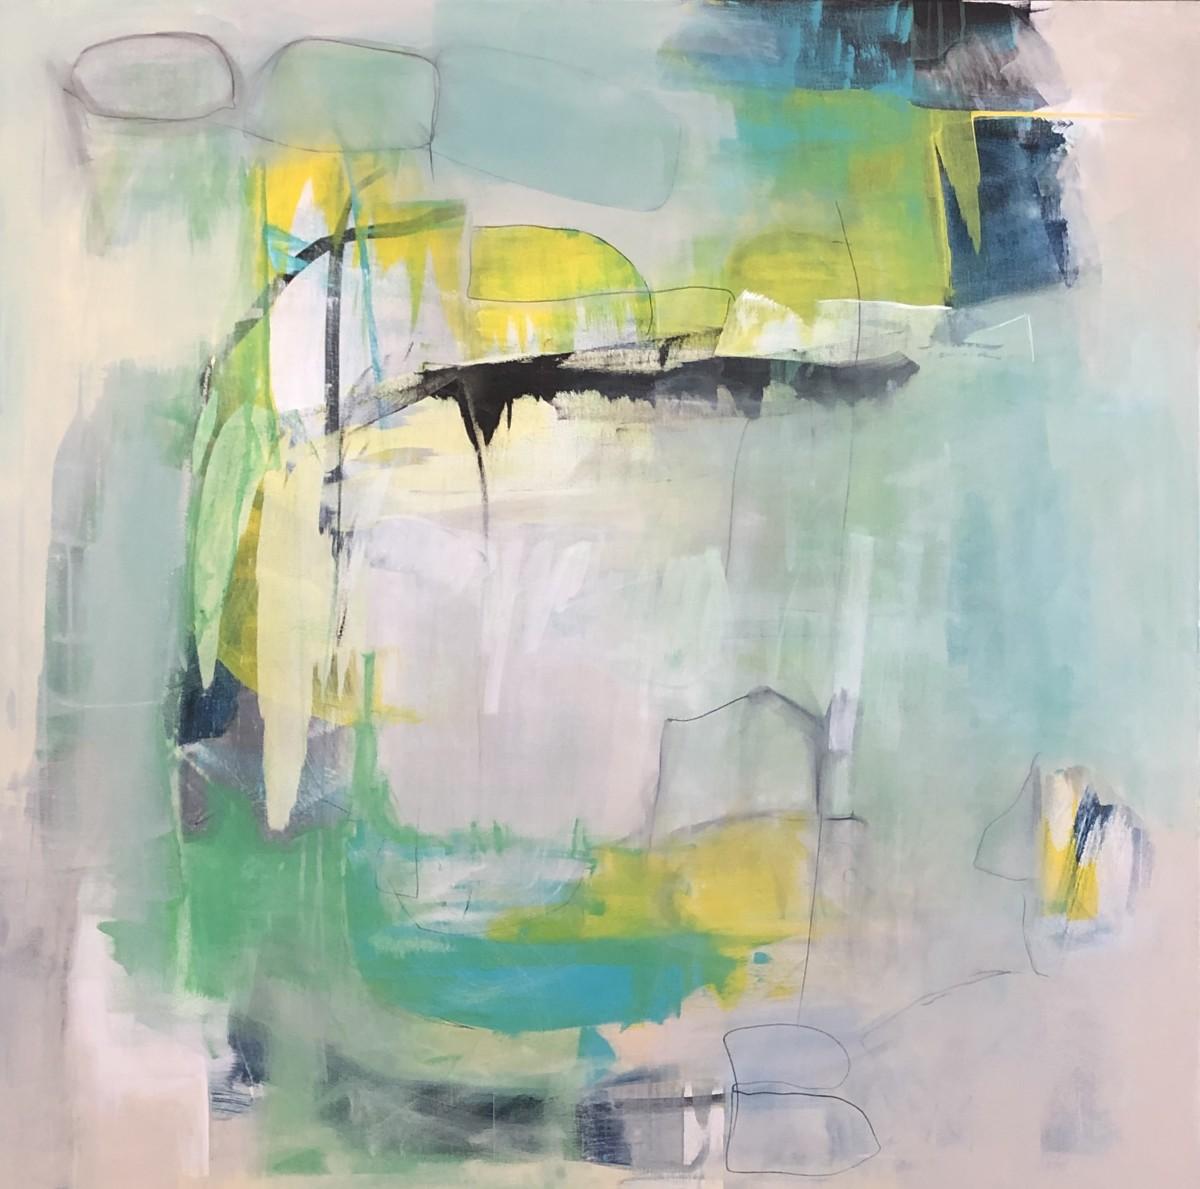 Prismatic Vista by Laura Viola Preciado